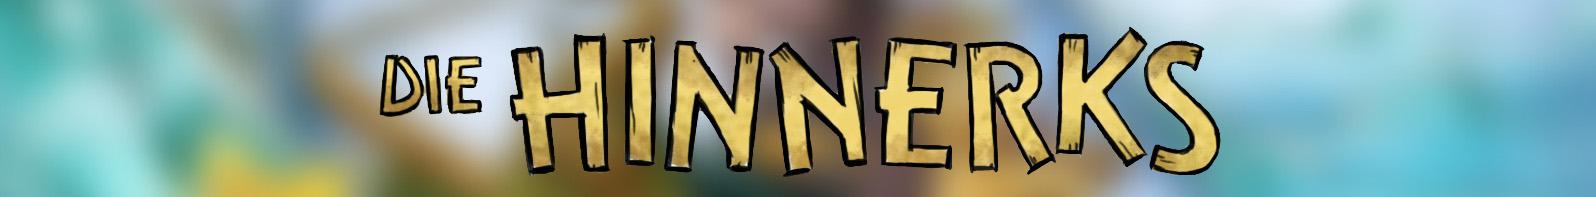 Die Hinnerks - Logo